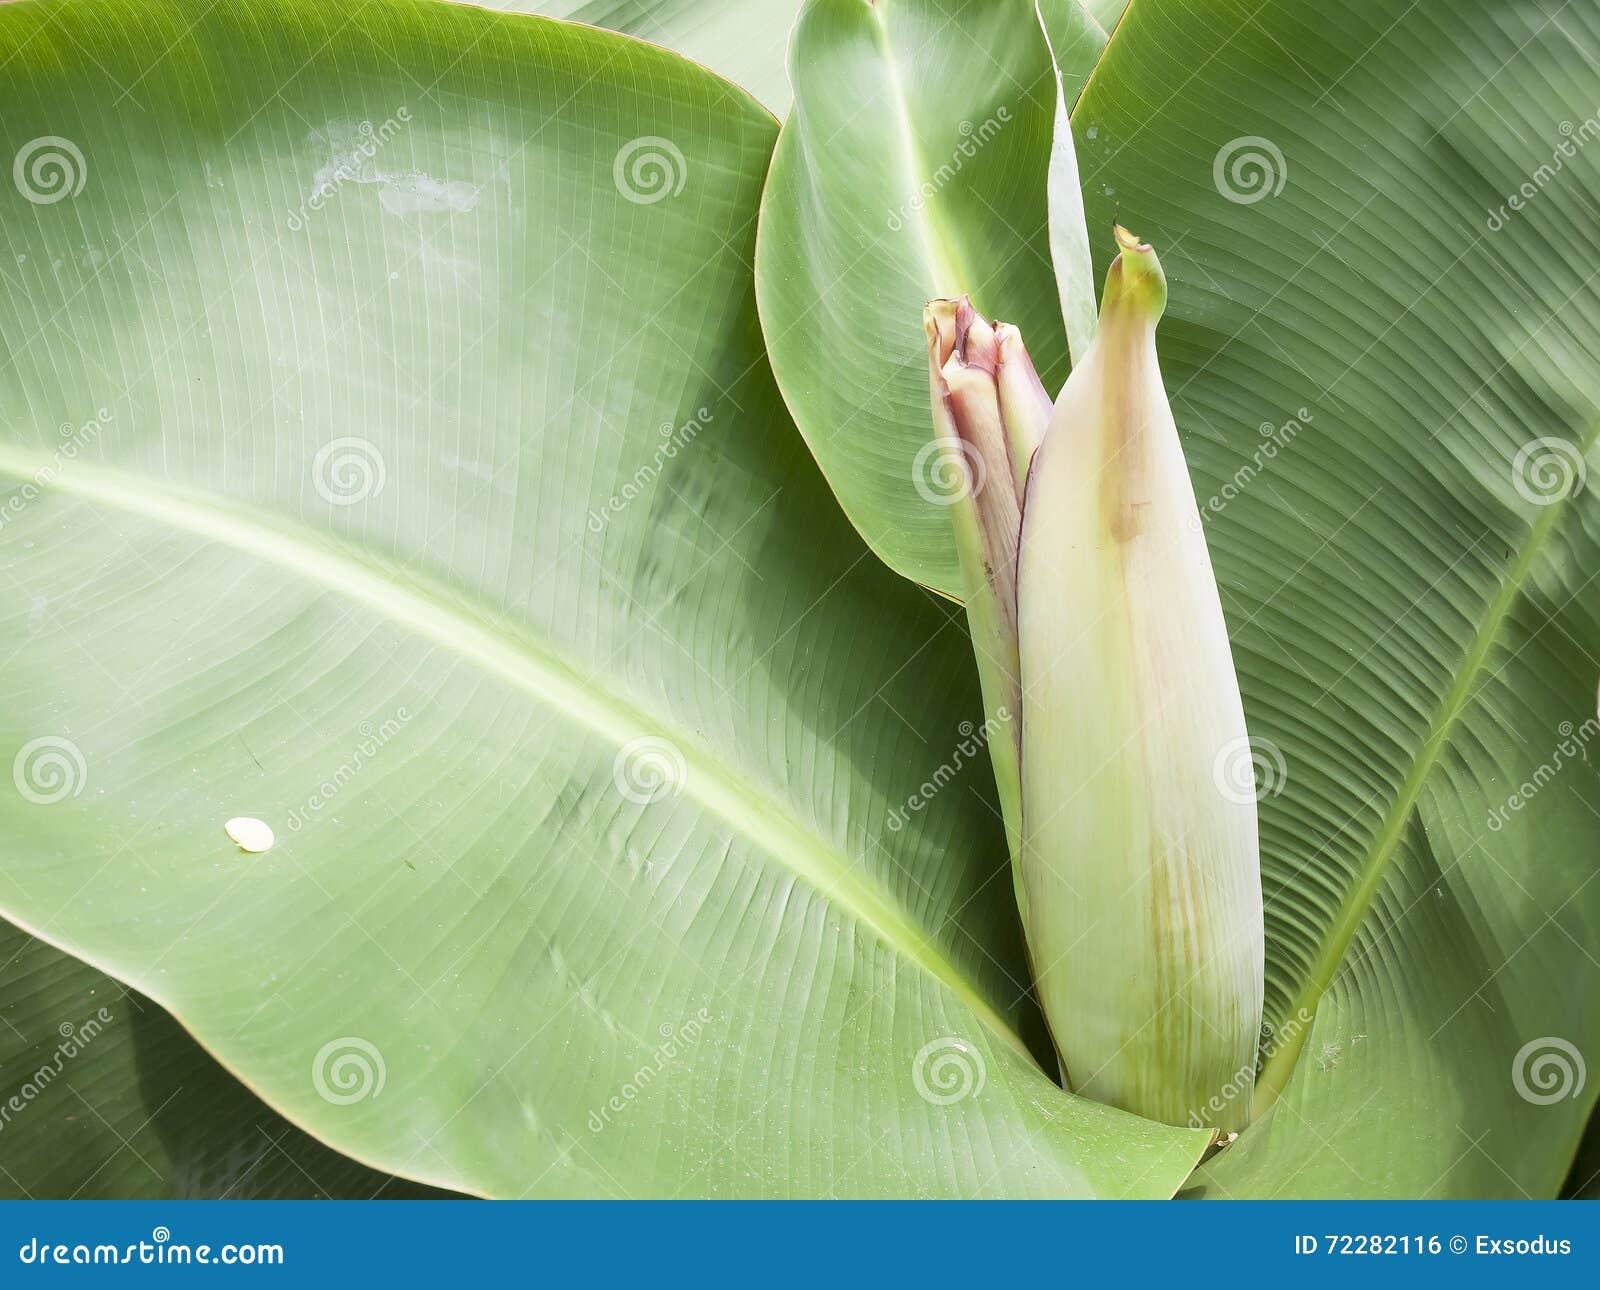 Download Вид карлика банана стоковое фото. изображение насчитывающей флора - 72282116